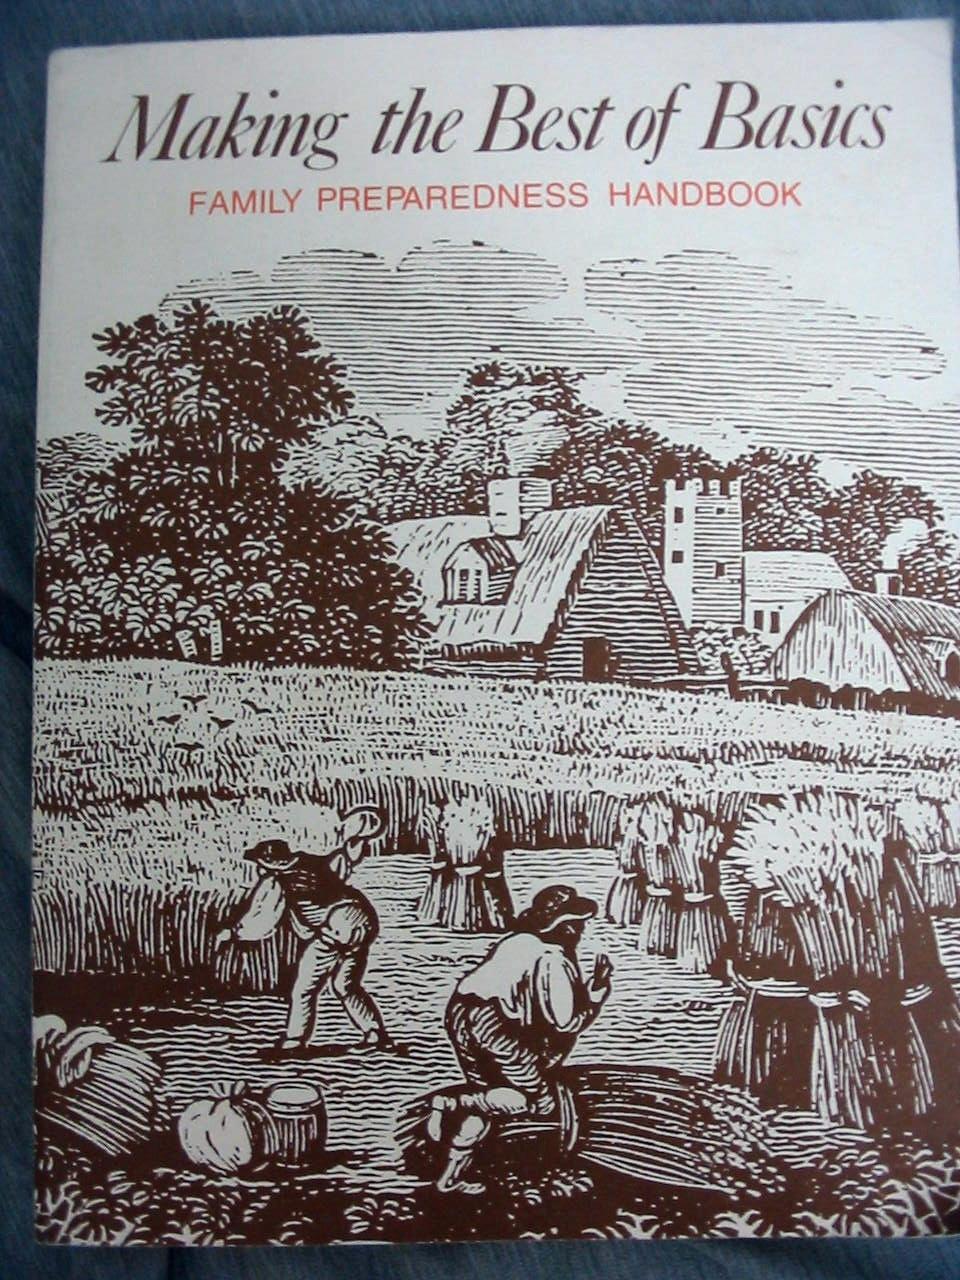 Making the Best of Basics - Family Preparedness Handbook Family Preparedness Handbook, Stevens, James Talmage